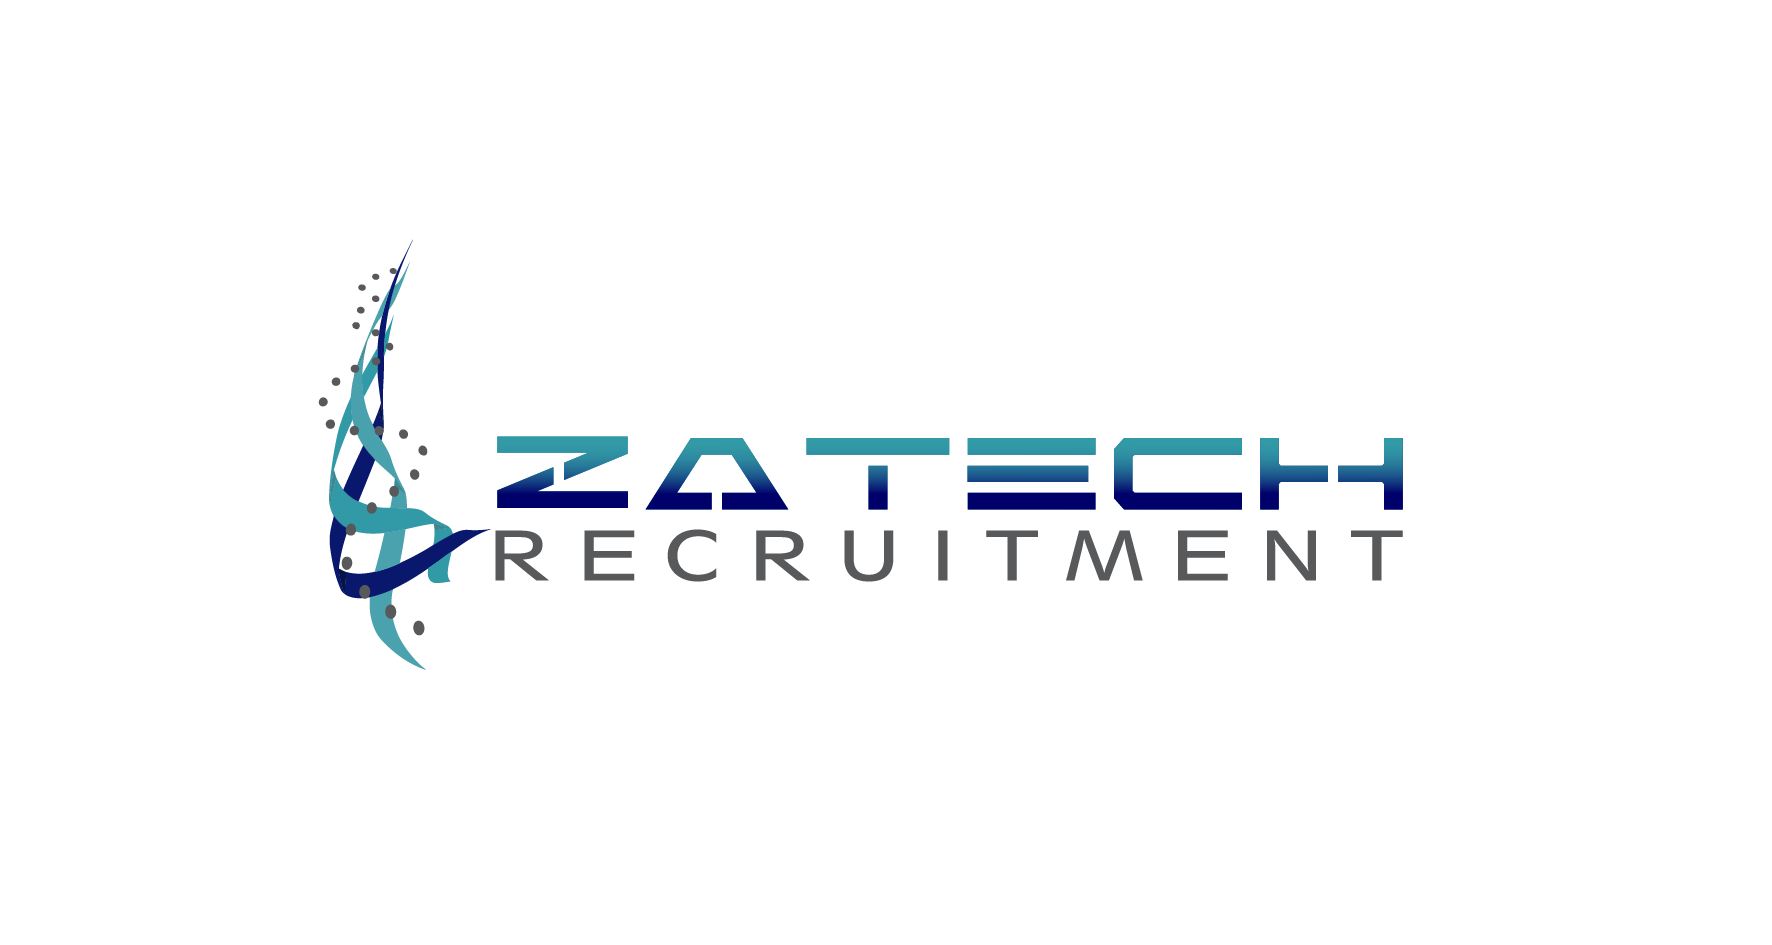 Zatech Recruitment I-01